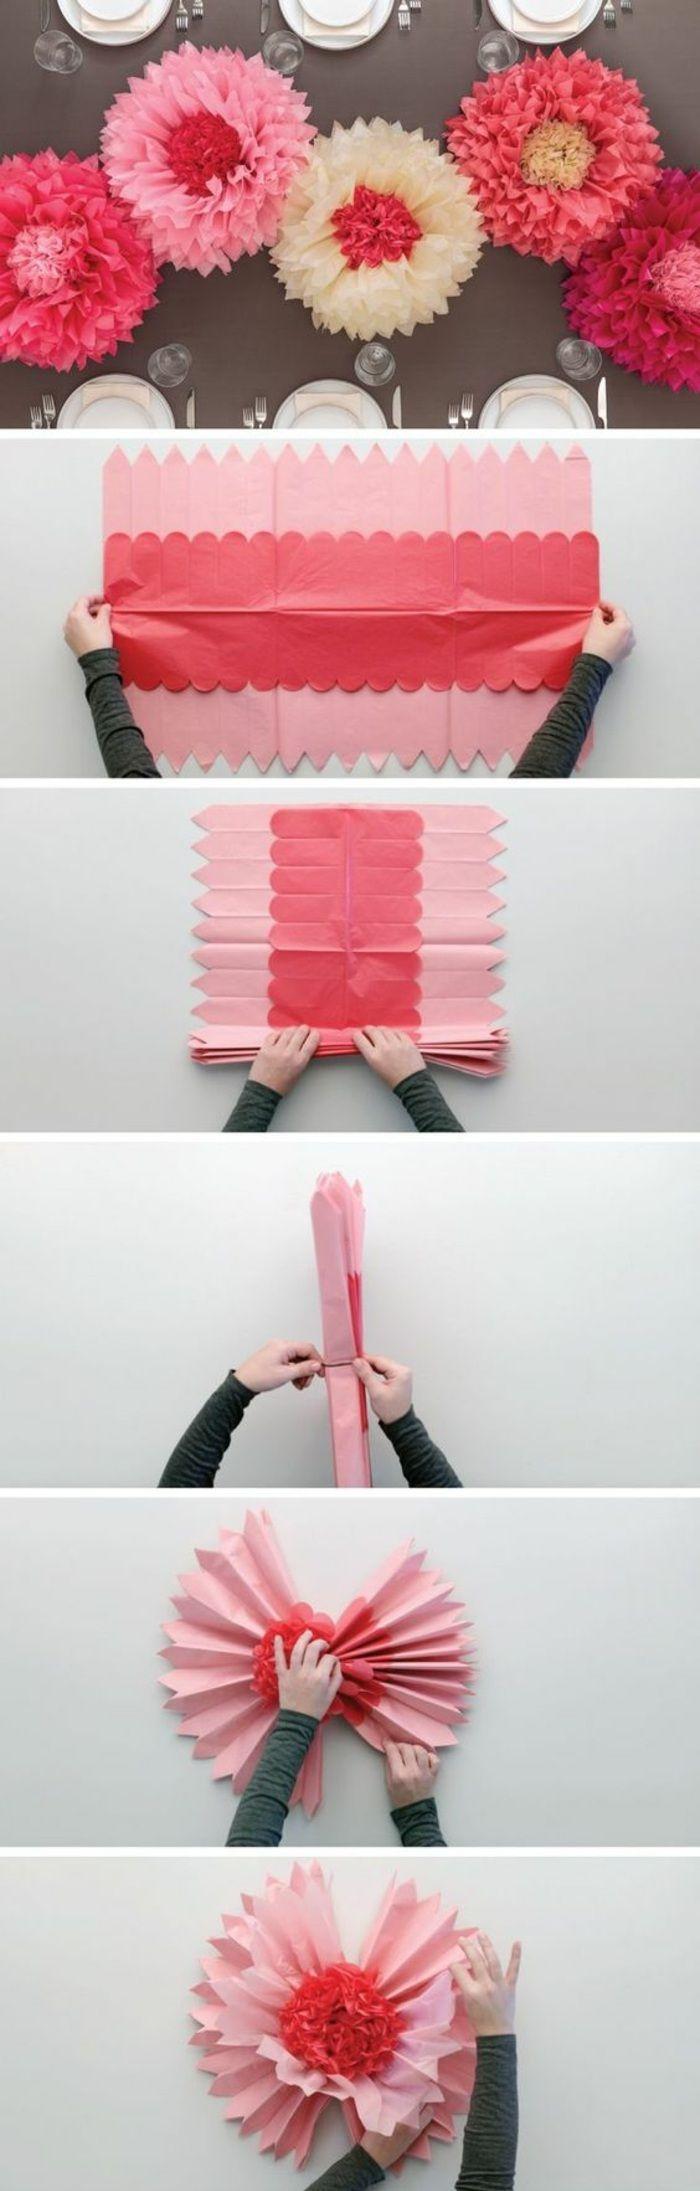 die besten 17 ideen zu wanddeko selber machen auf pinterest weinkorken selbstgemachte. Black Bedroom Furniture Sets. Home Design Ideas